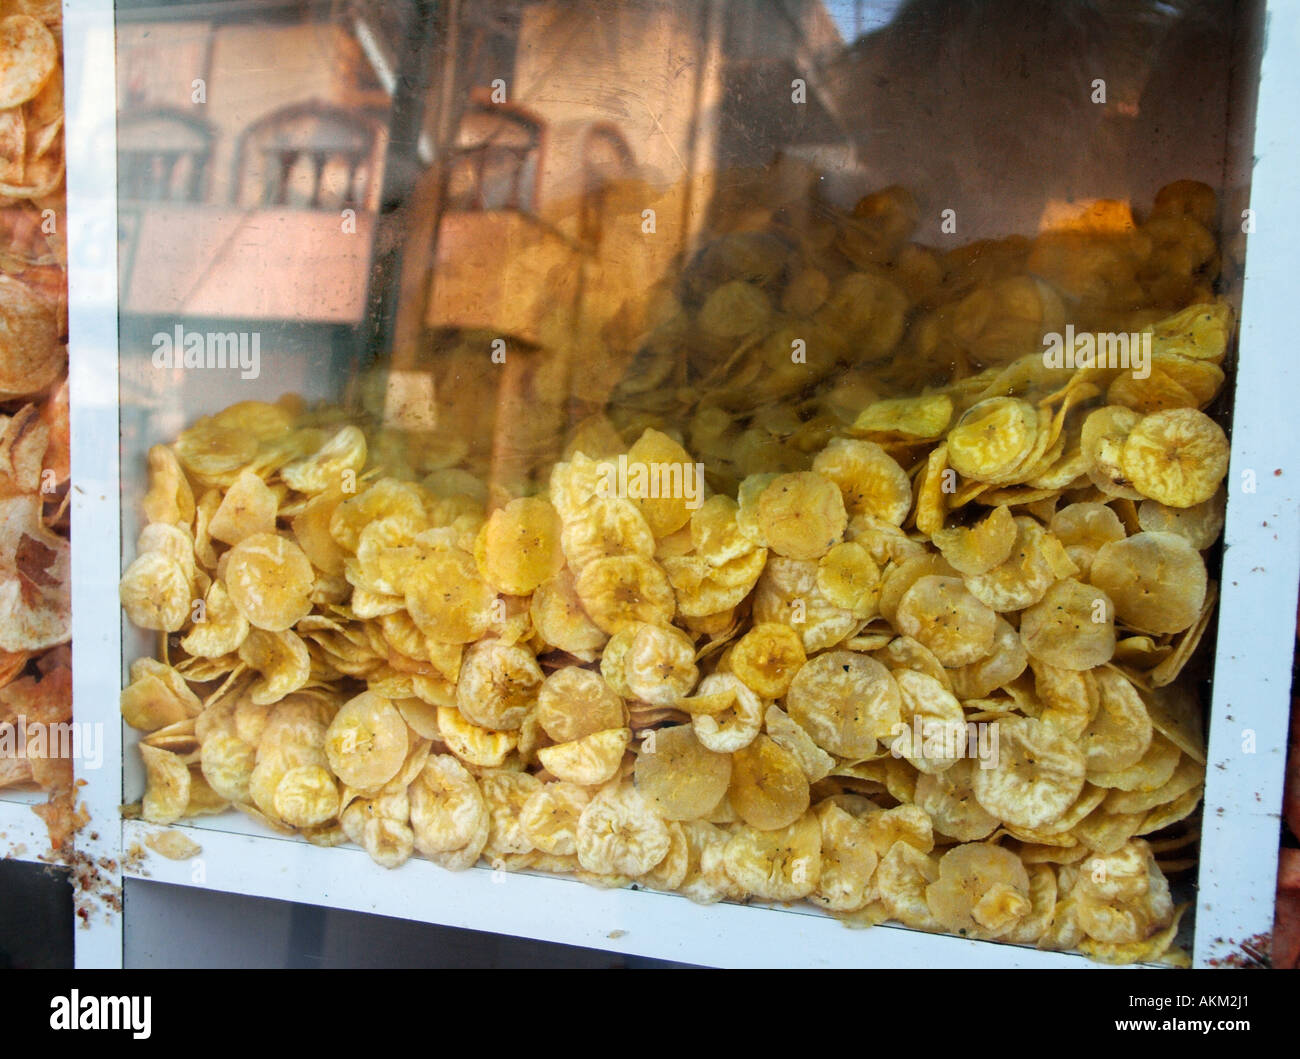 how to make banana chips in hindi